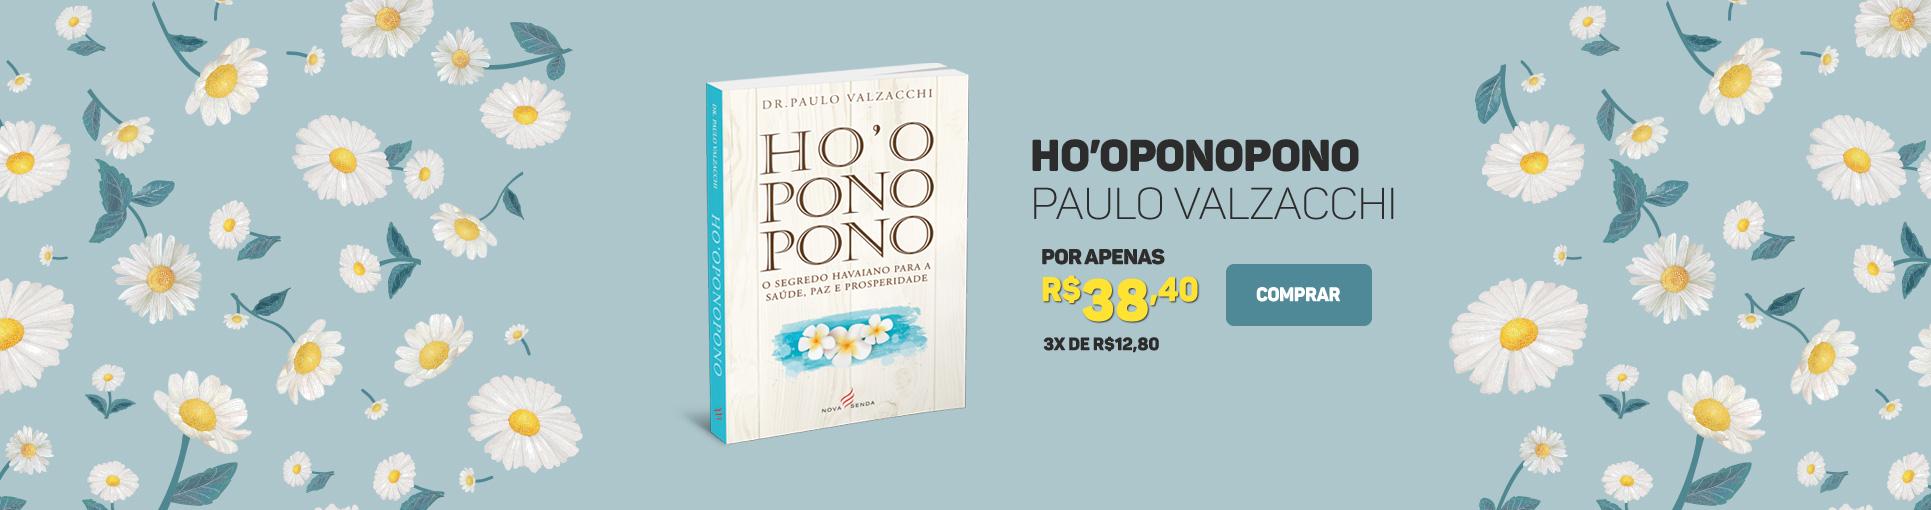 Full Ho'oponopono Paulo